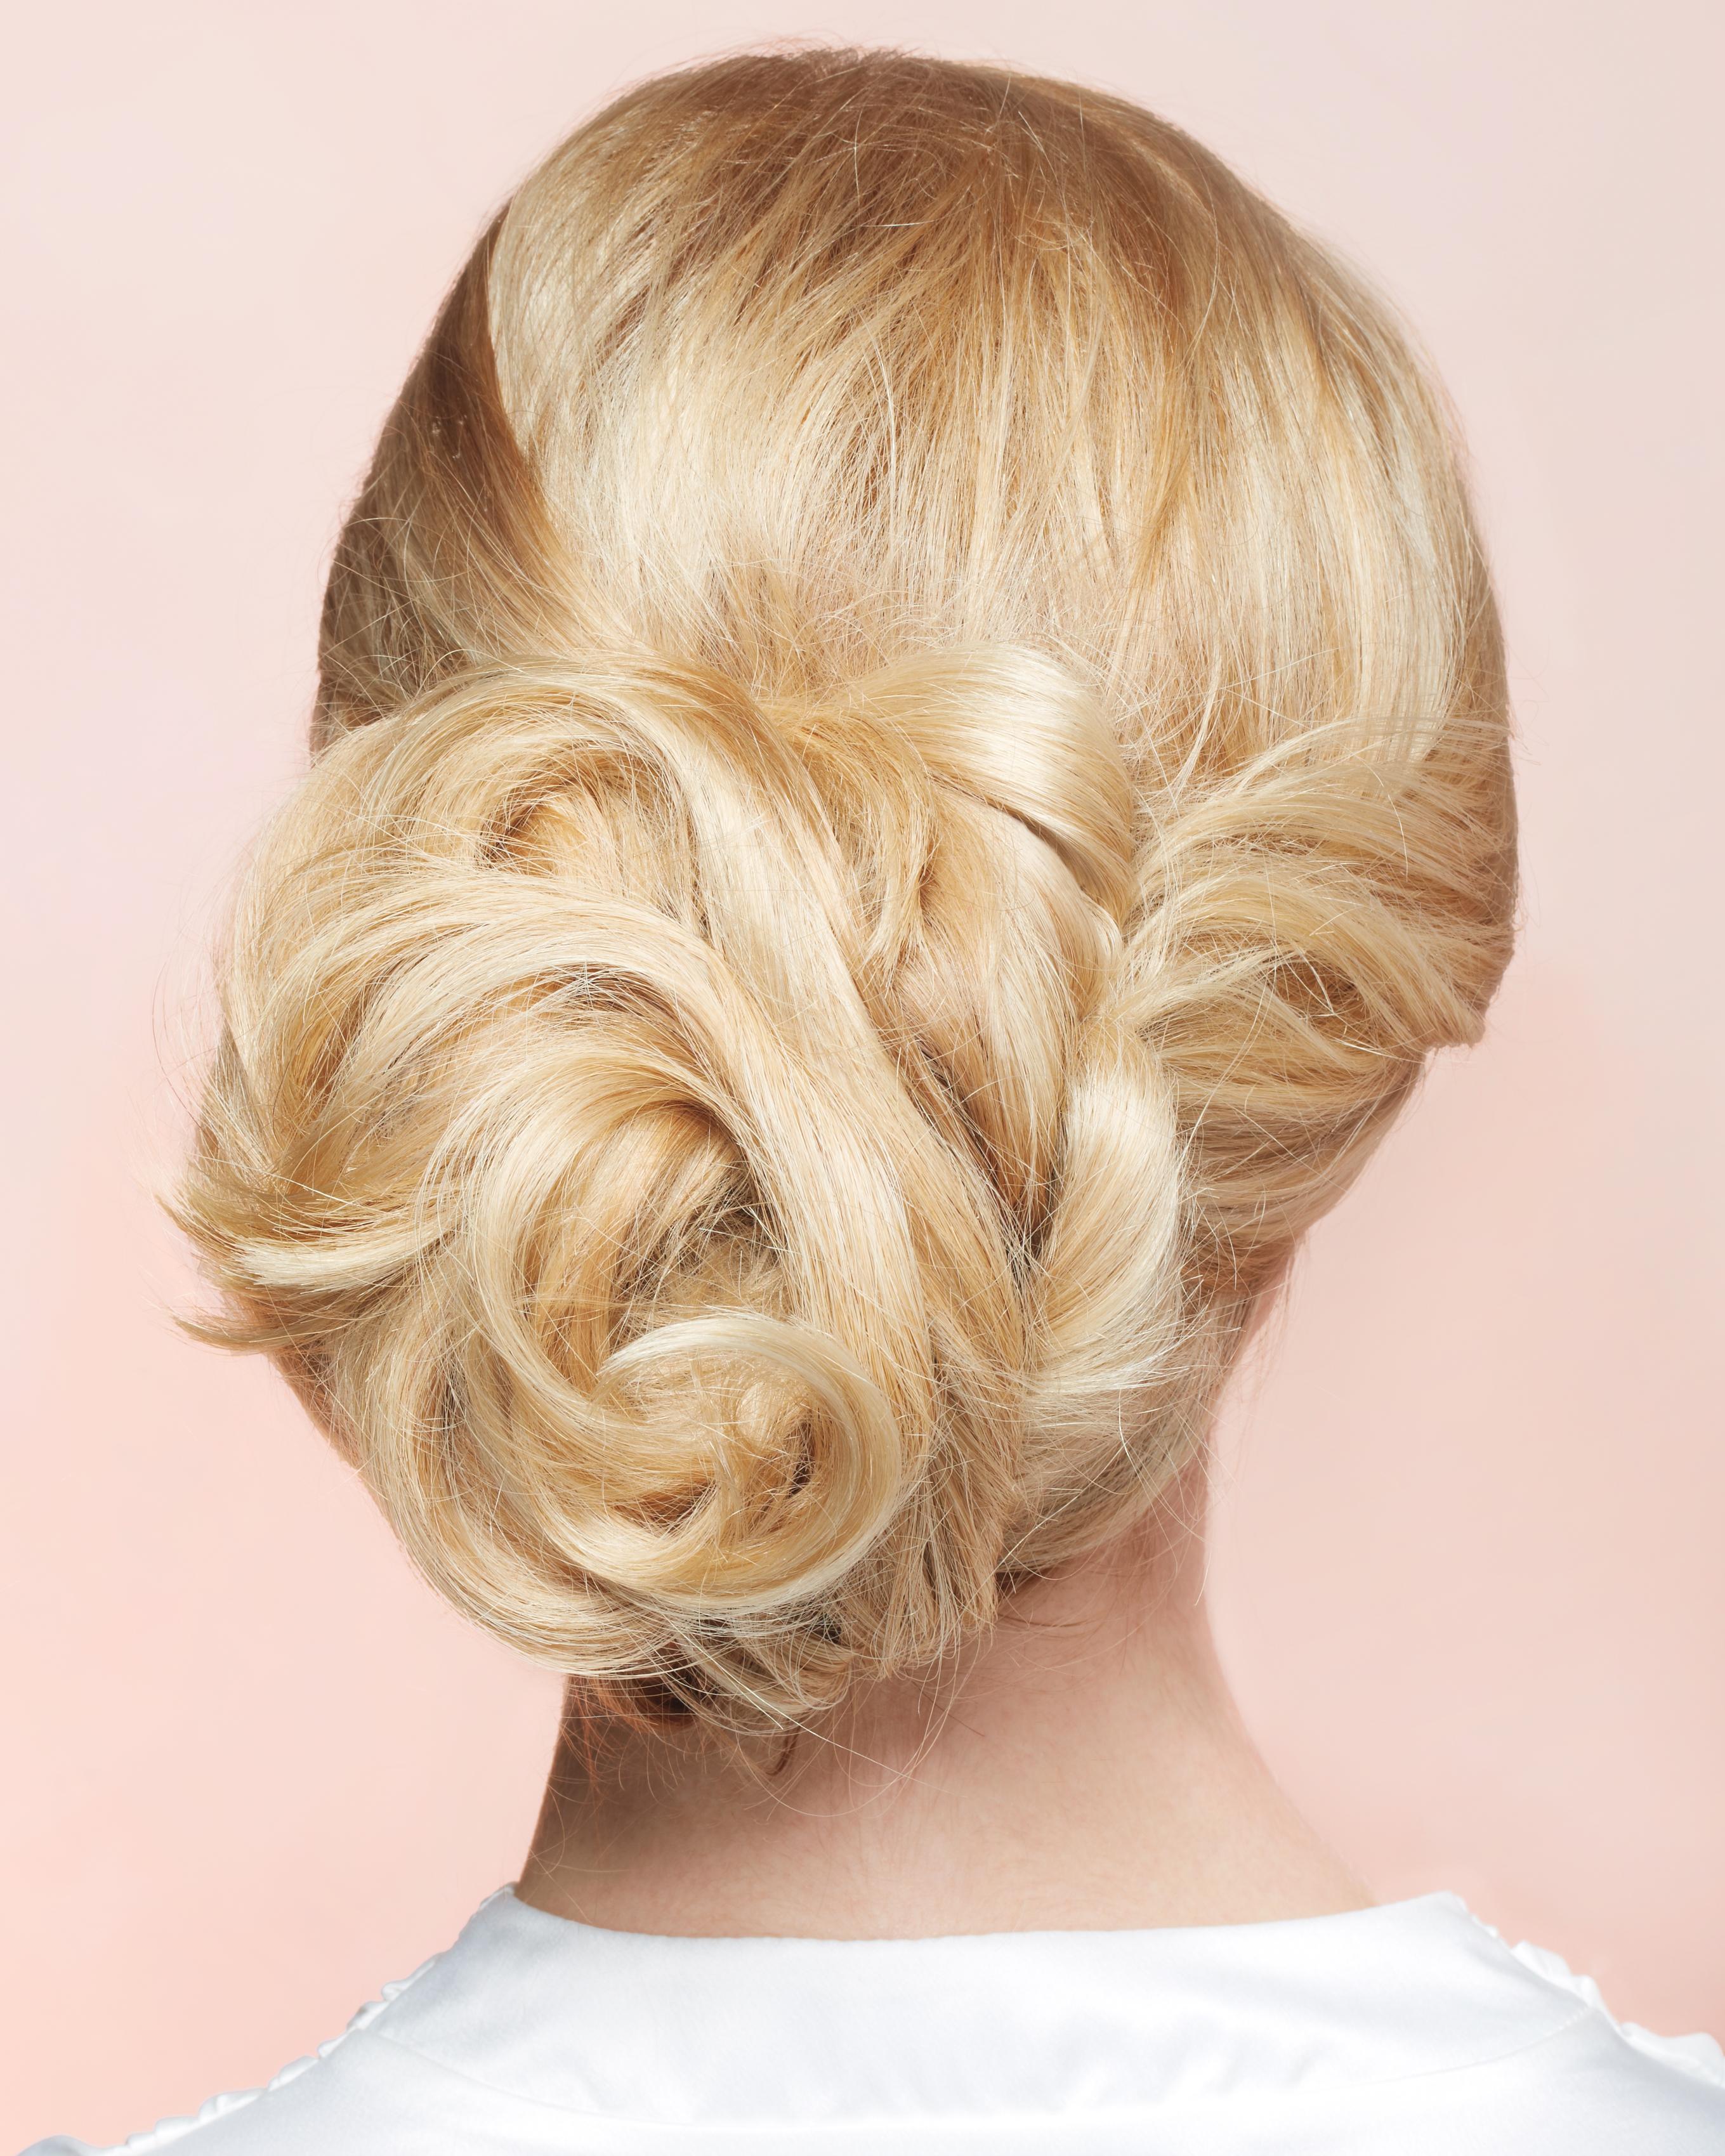 hair-finished-sleek-951-mwd110254.jpg